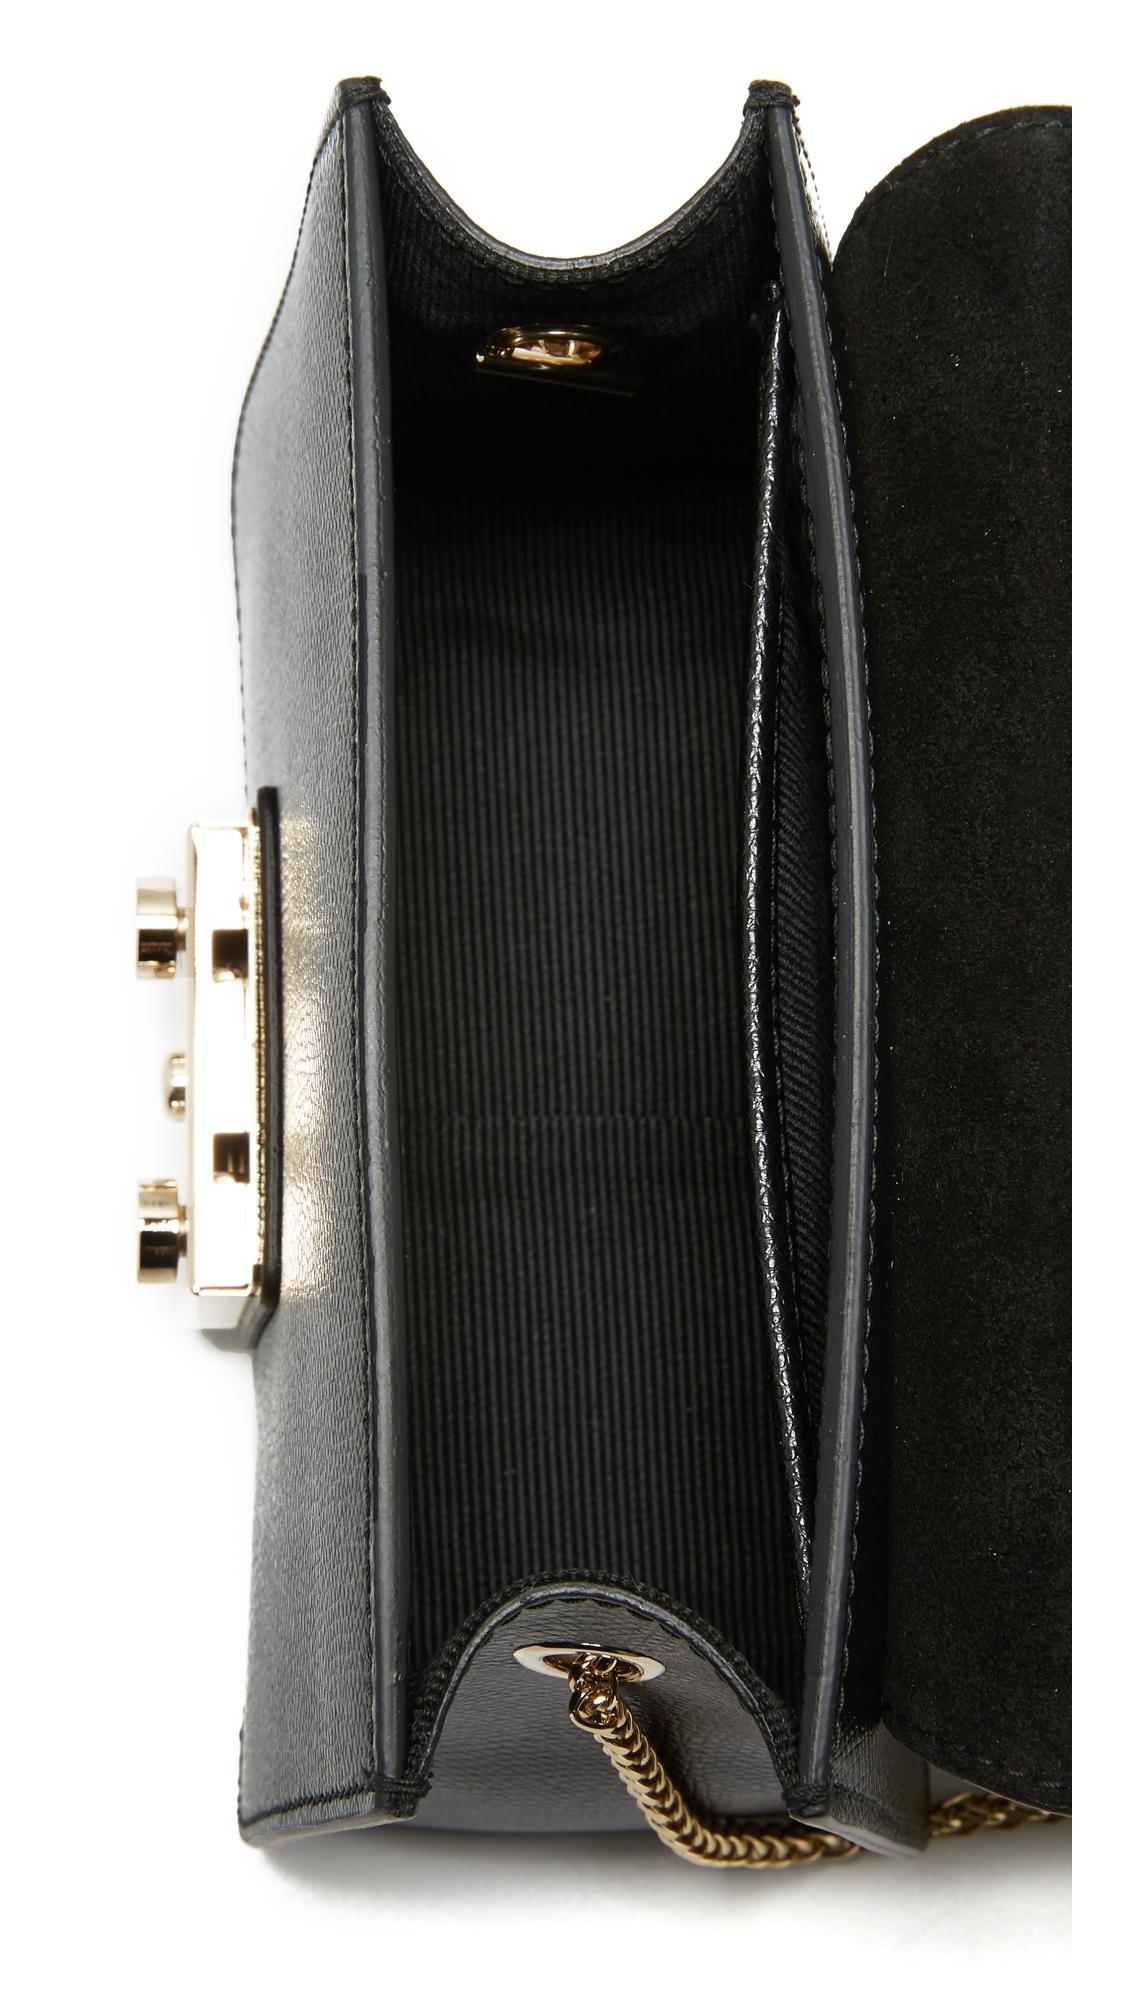 Миниатюрная сумка через плечо Metropolis Furla  (FURLA3038314835314)